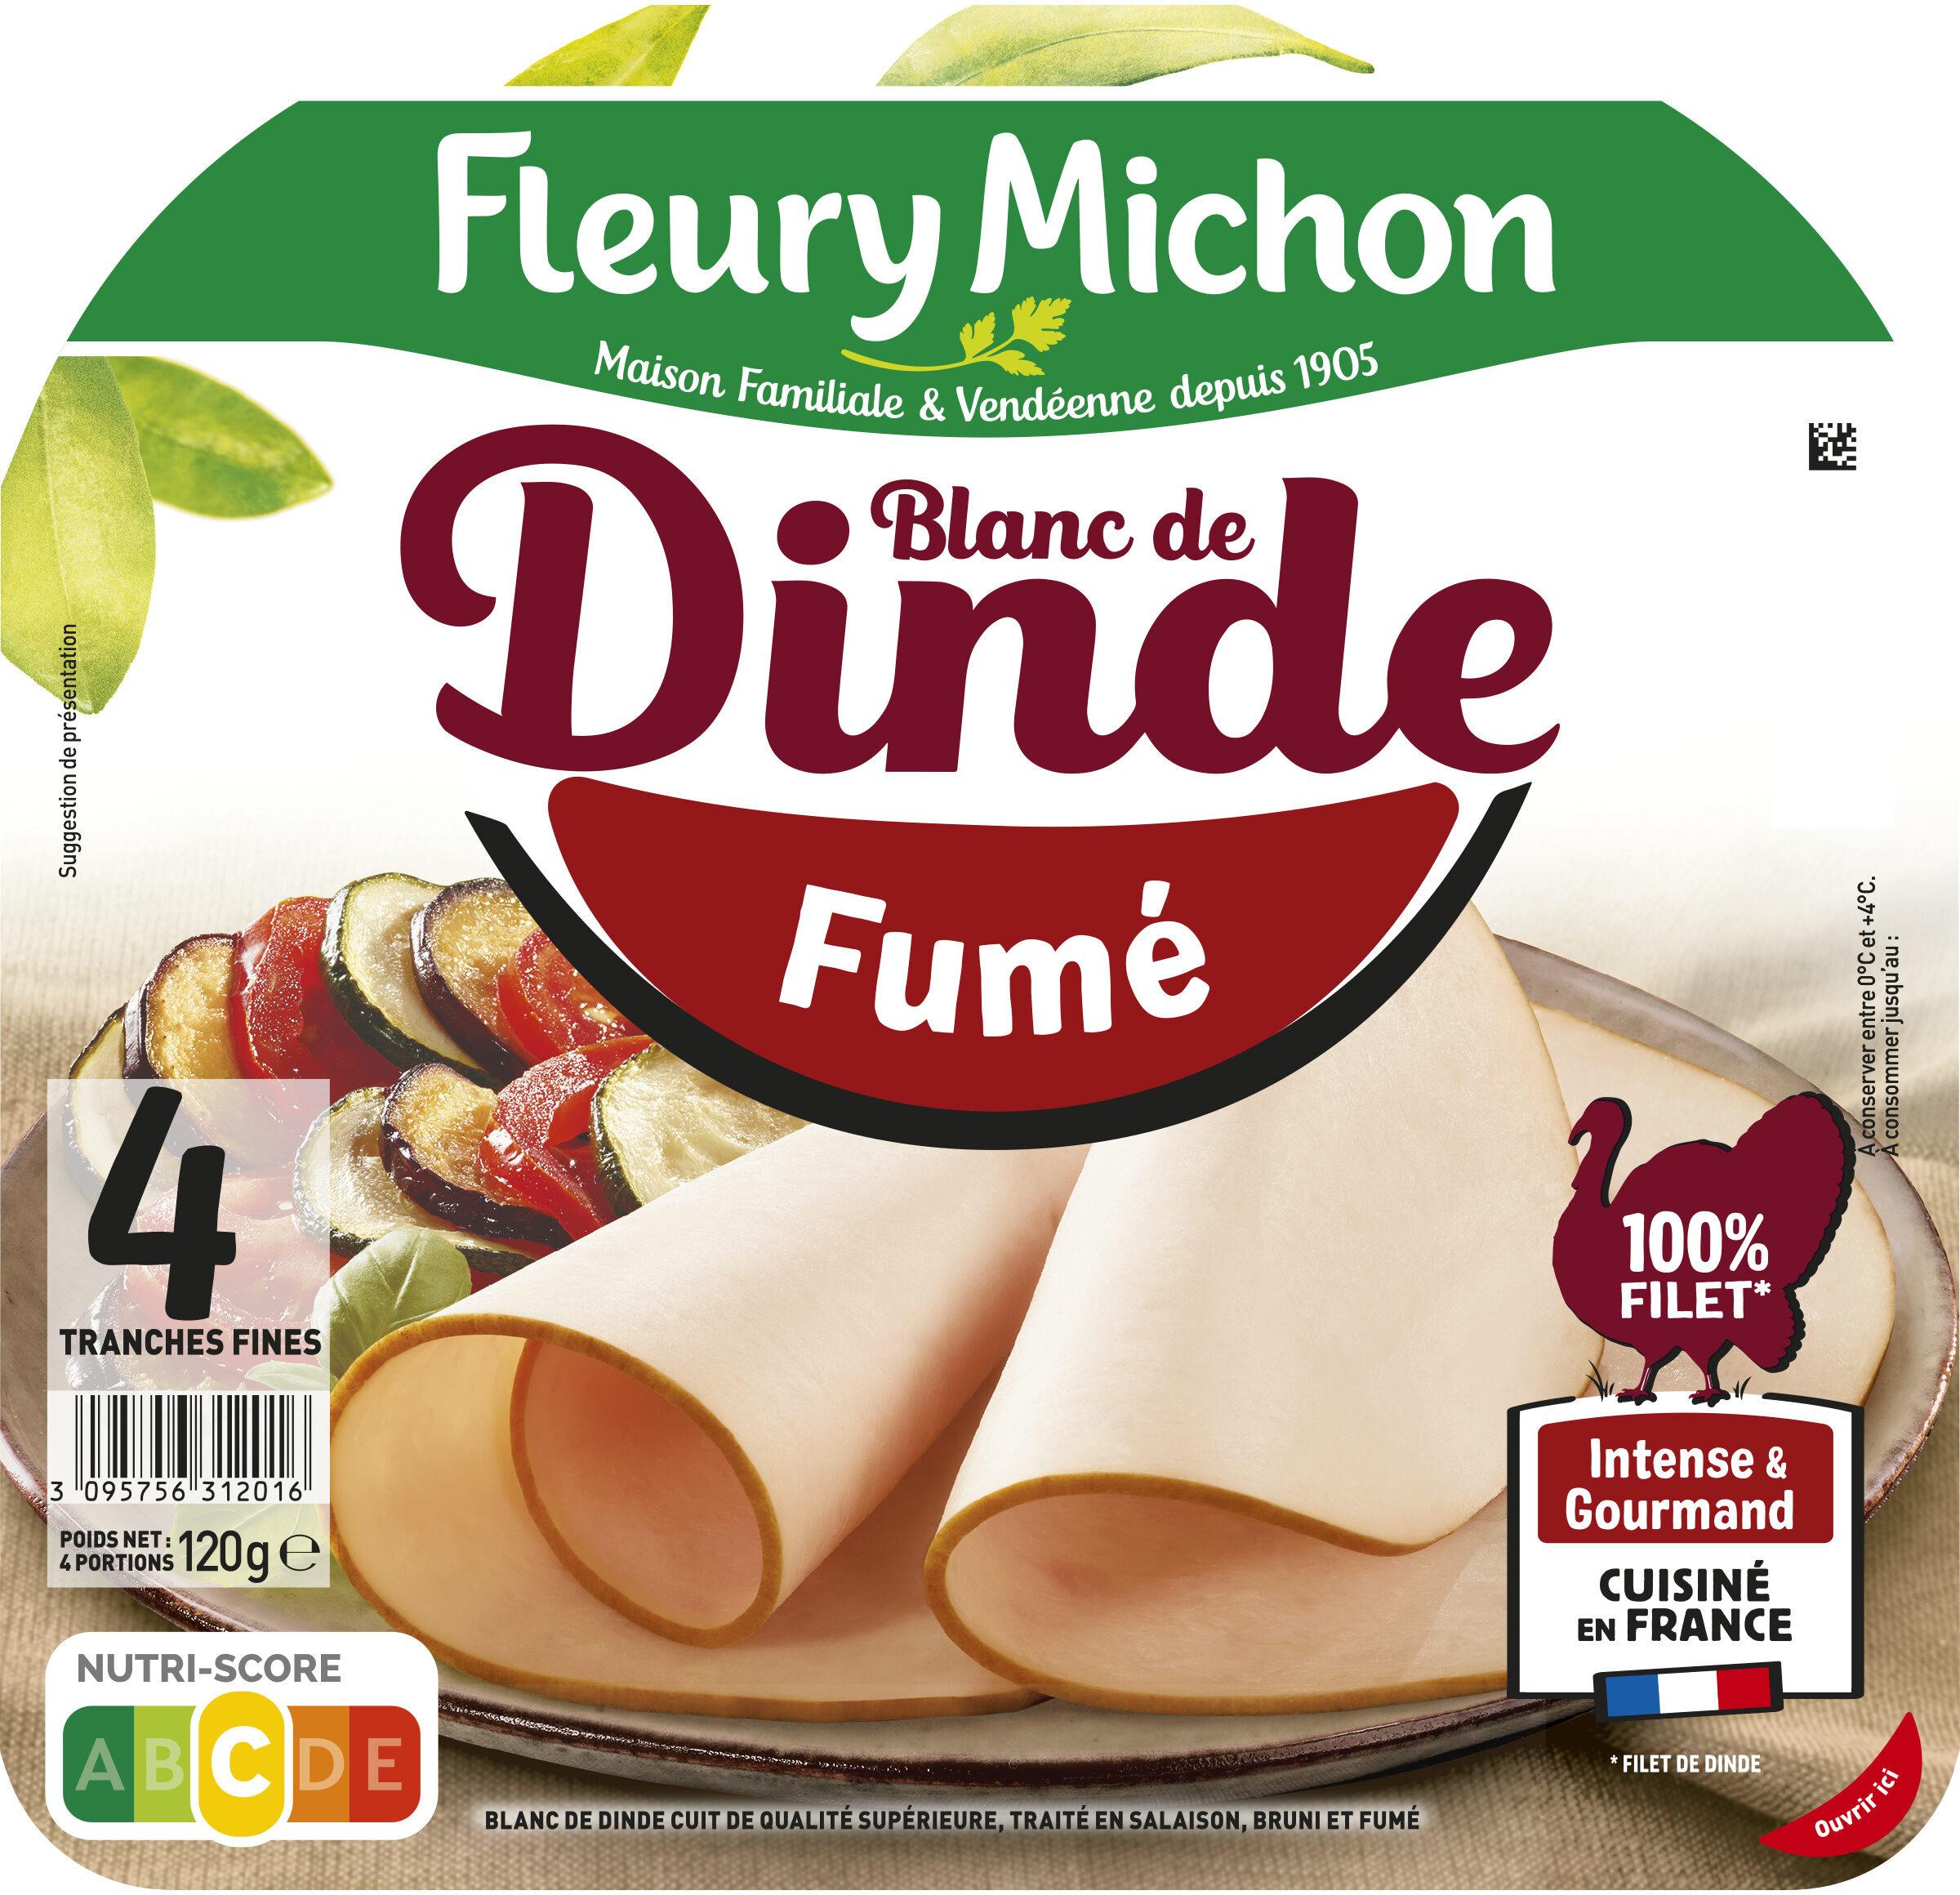 Blanc de dinde fumé - 4 tranches fines - Product - fr